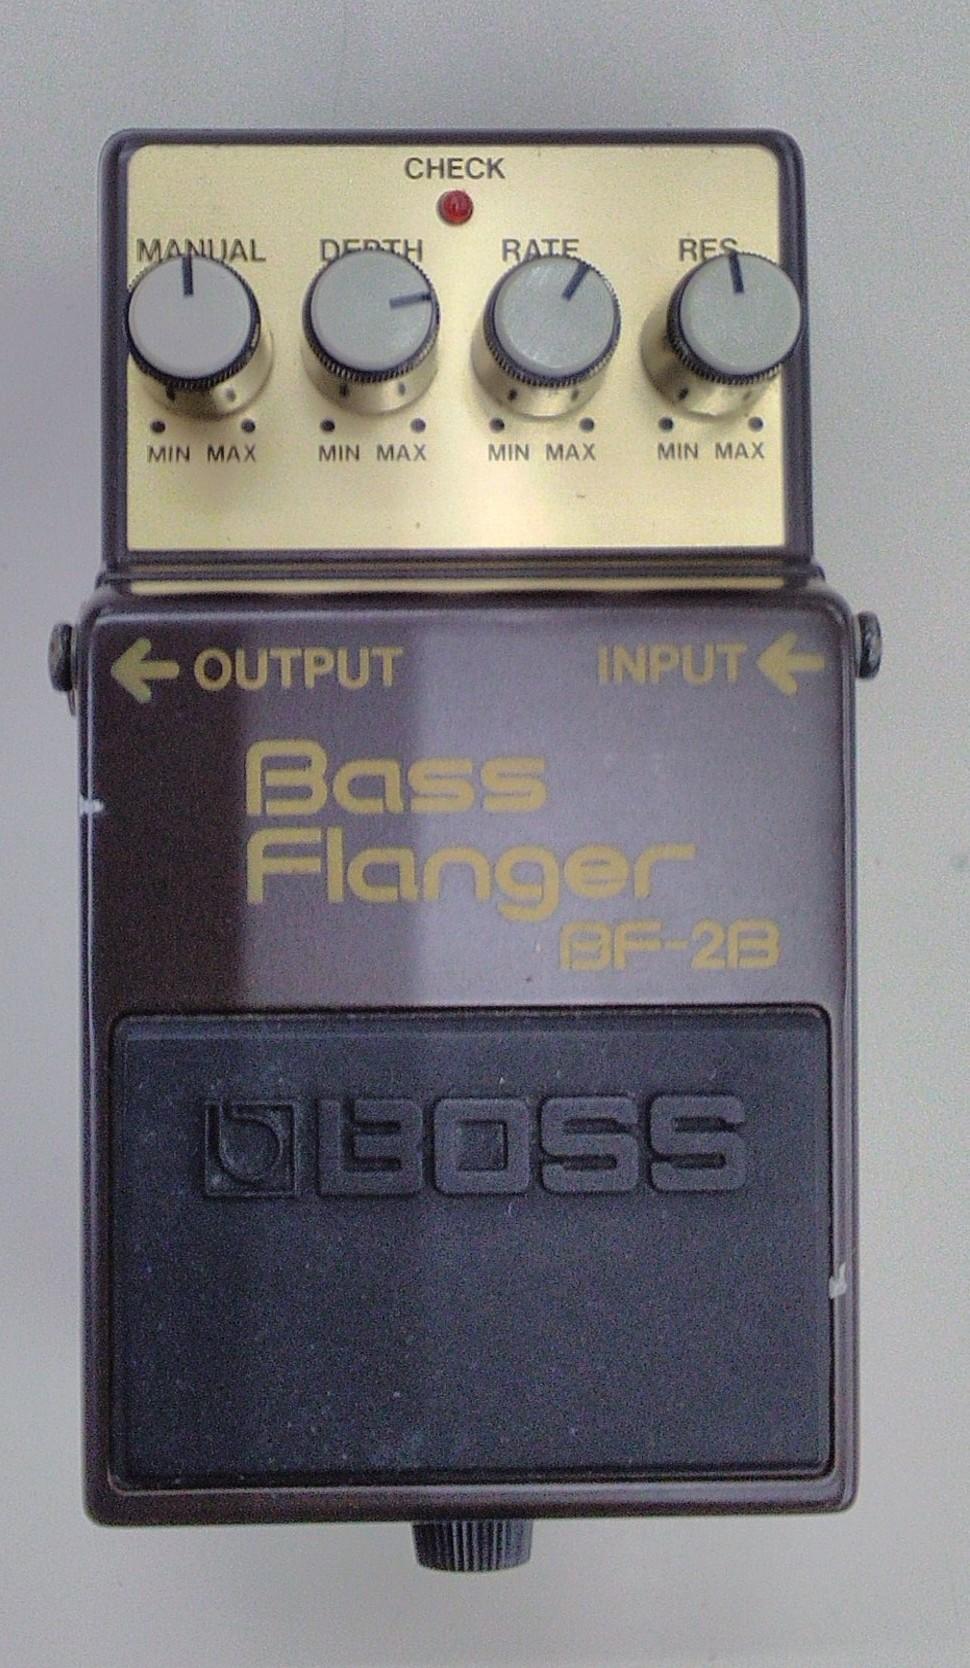 Bフランジャー|BOSS